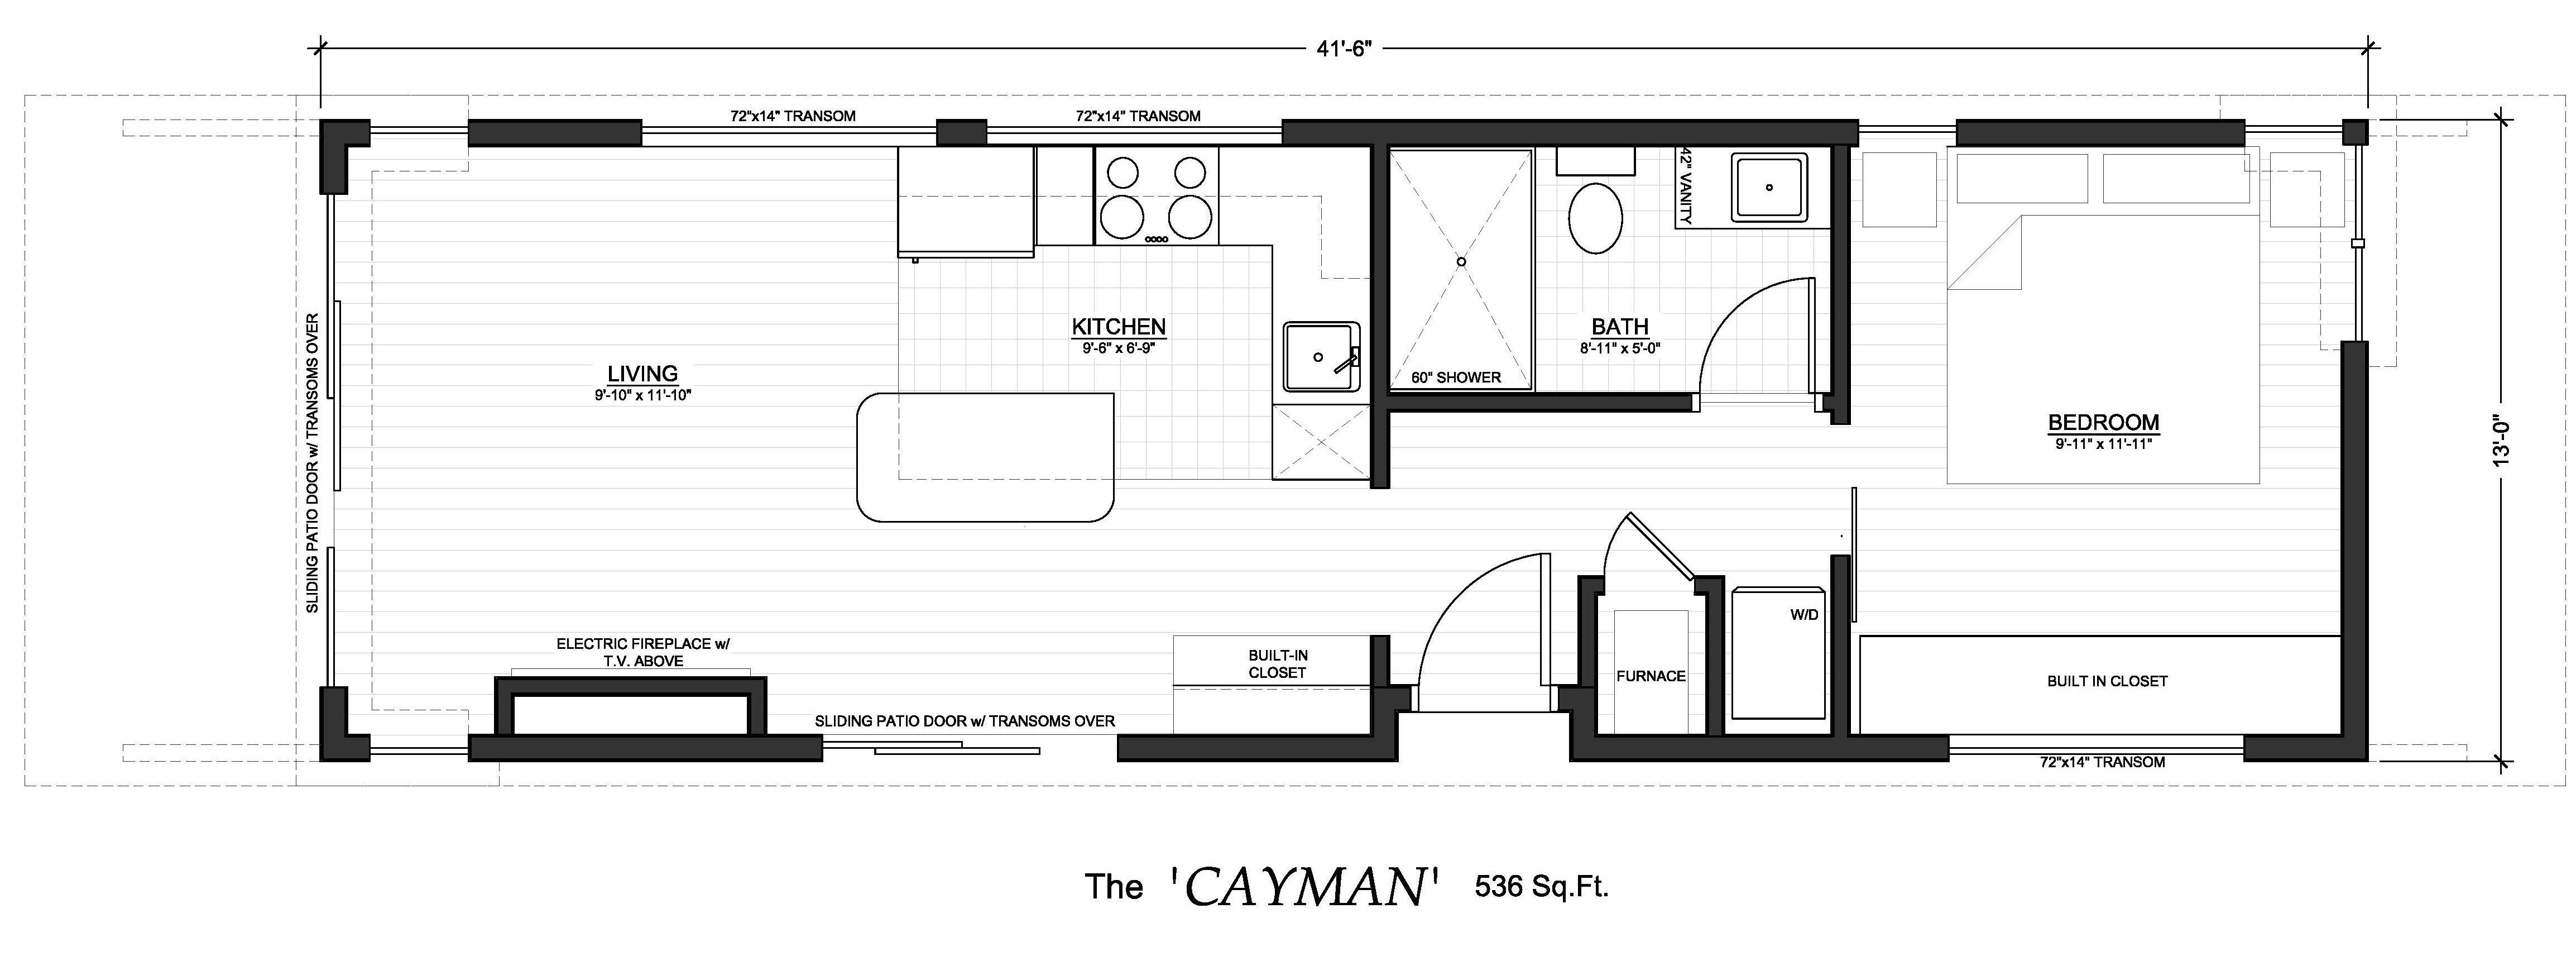 100 house plans with 3d tour 3d view house plans for 3d virtual tour house plans